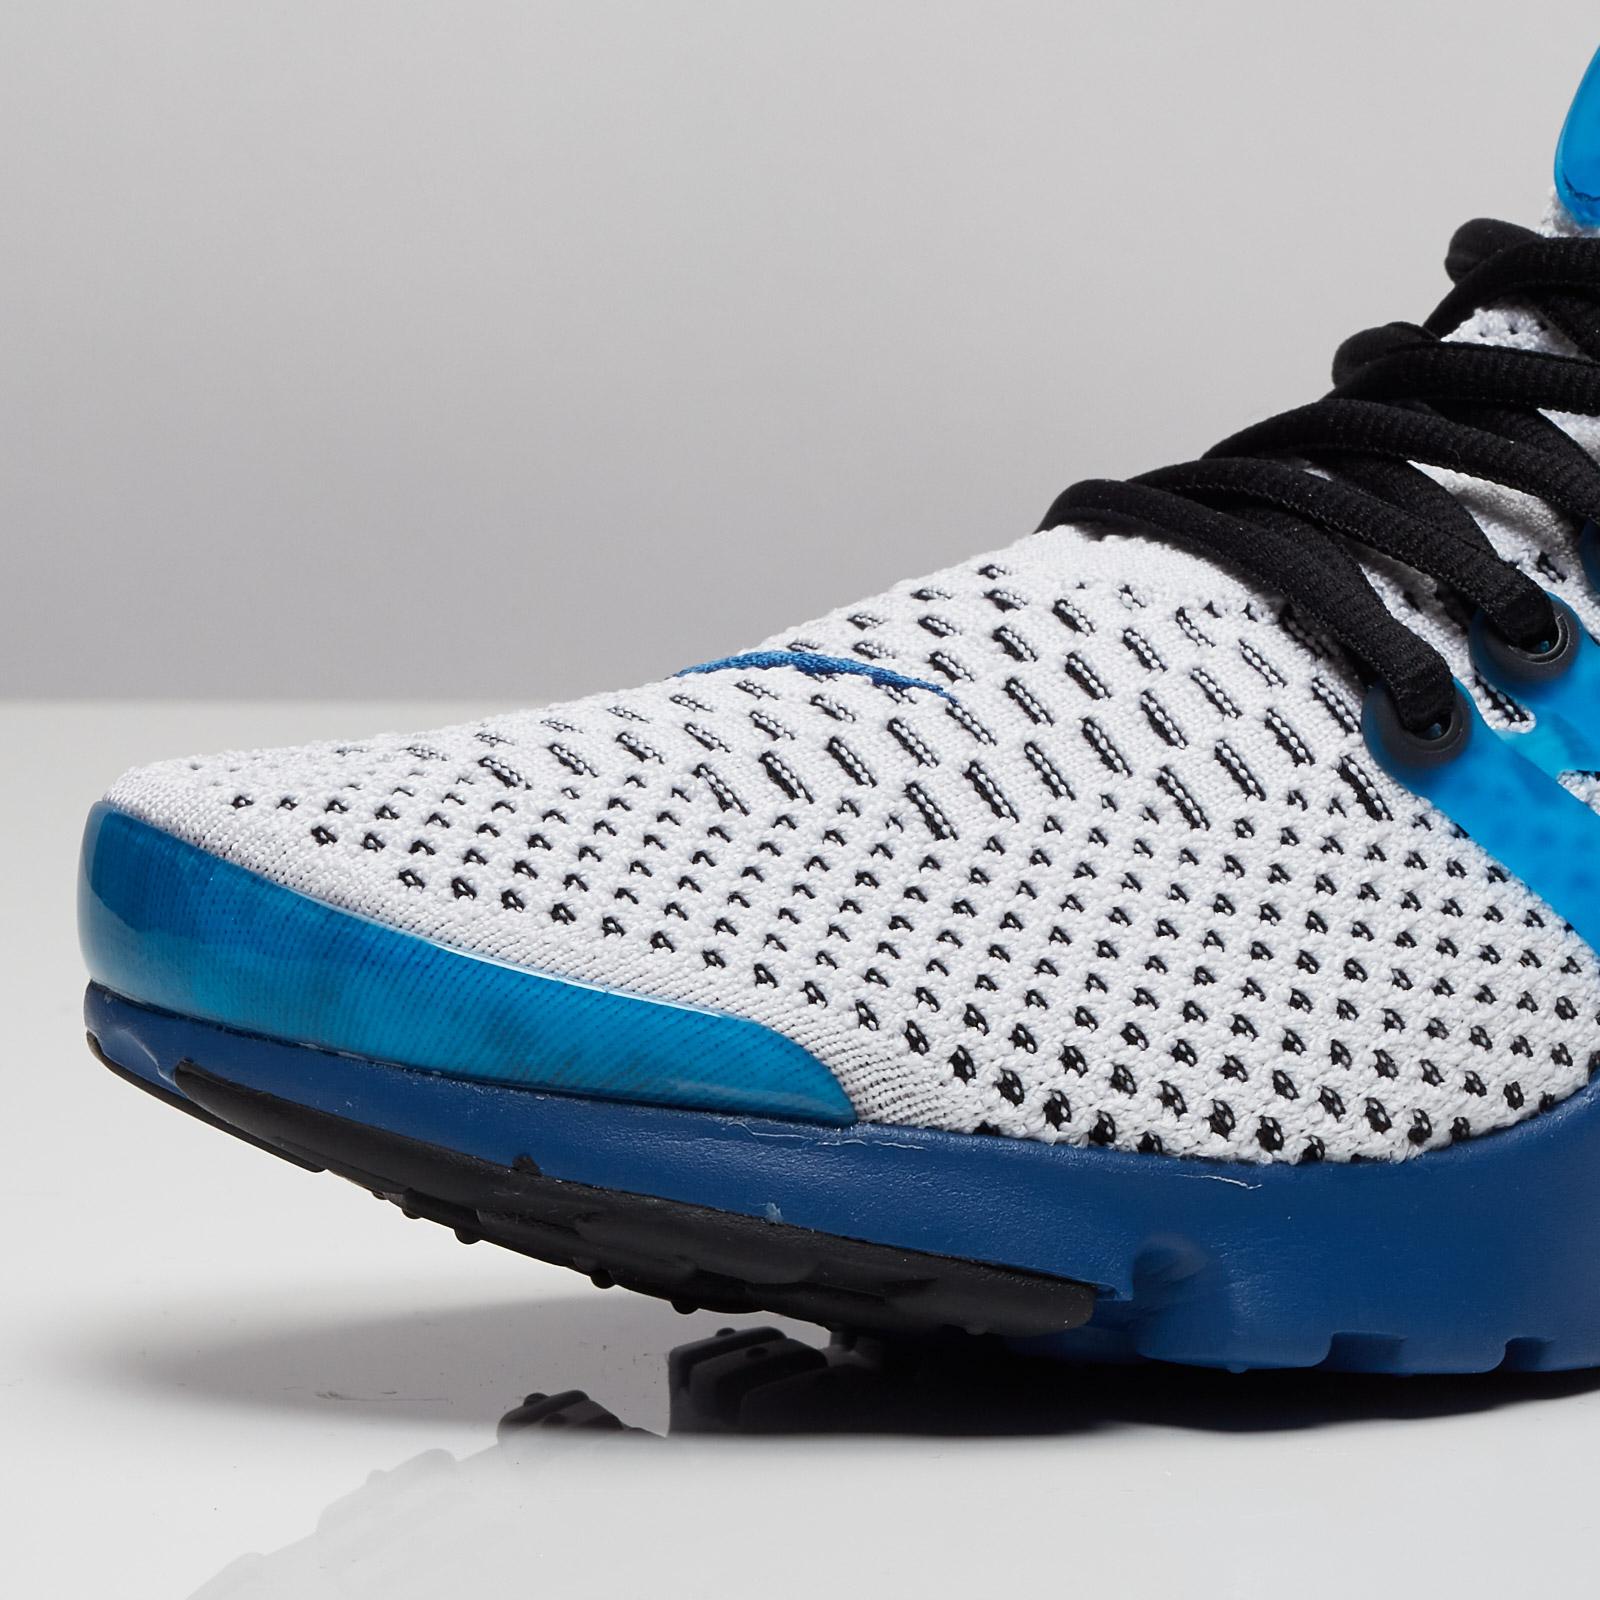 62710d4edd712 Nike Air Presto Ultra Flyknit - 835570-401 - Sneakersnstuff ...